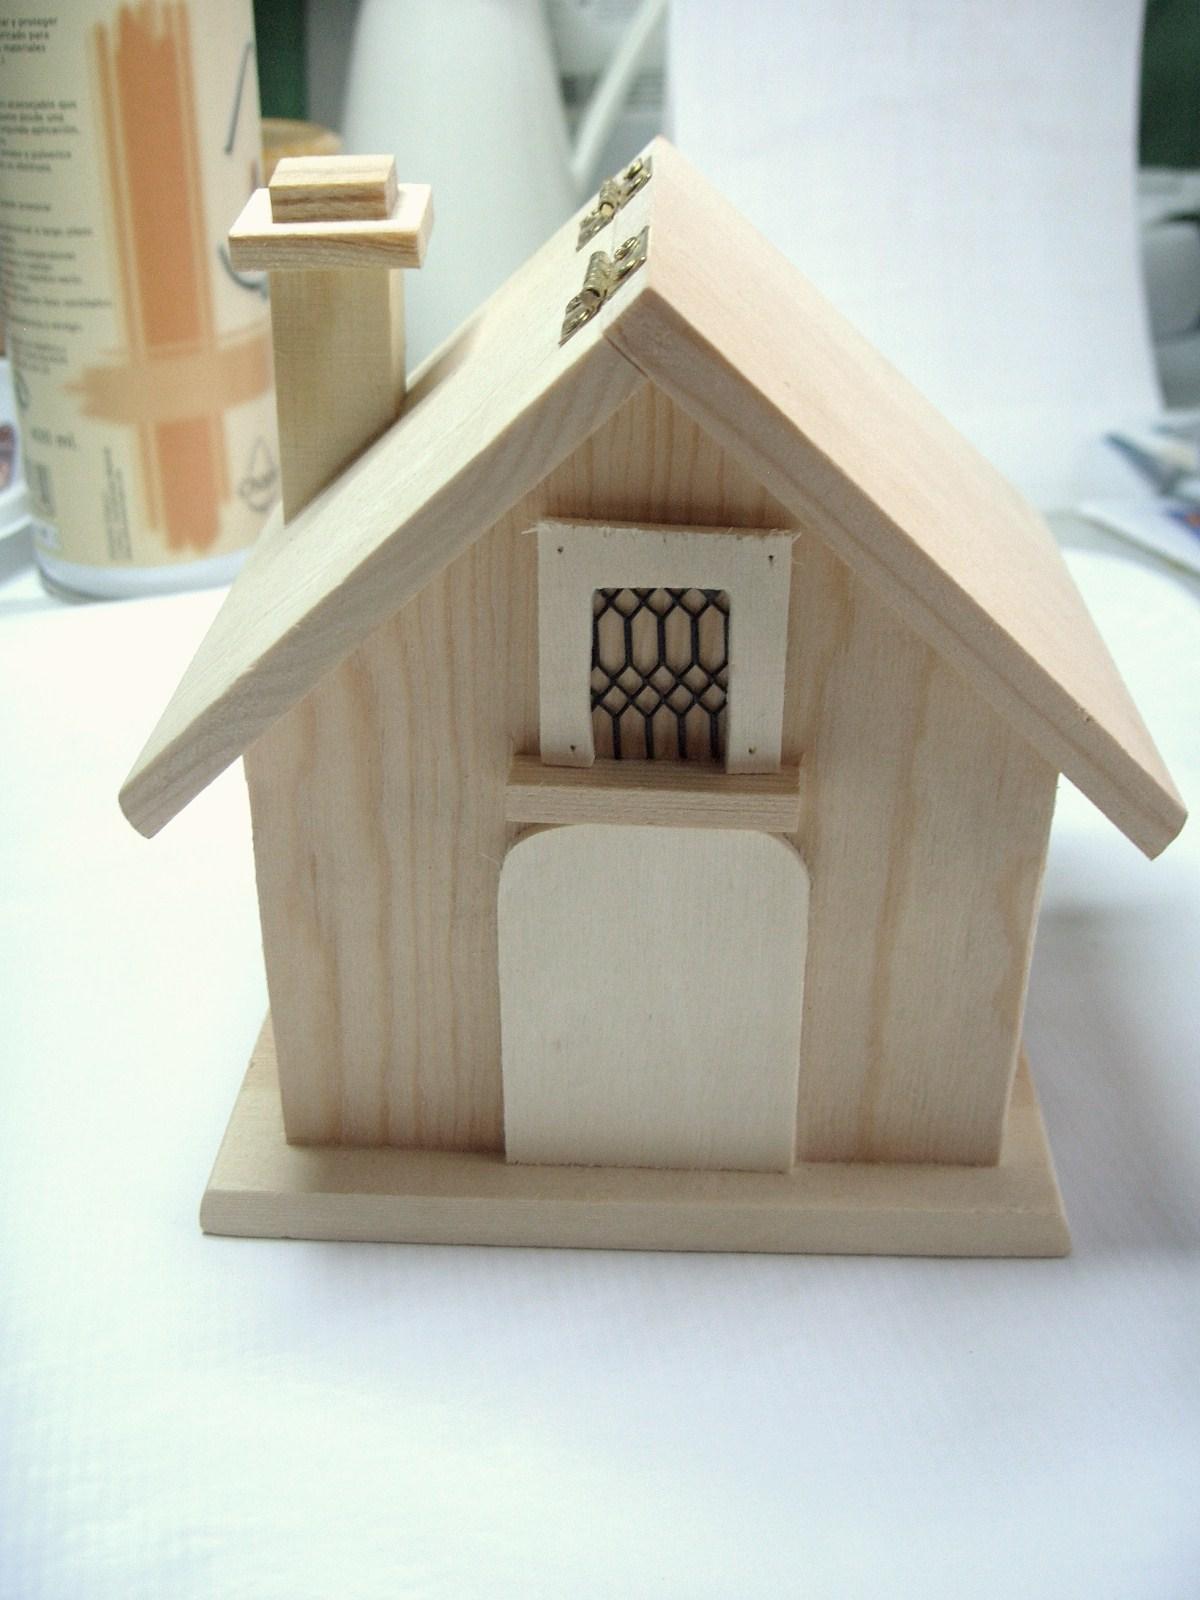 El blog de walkiria celada casa de p jaros con tapa for Casitas de madera para guardar cosas